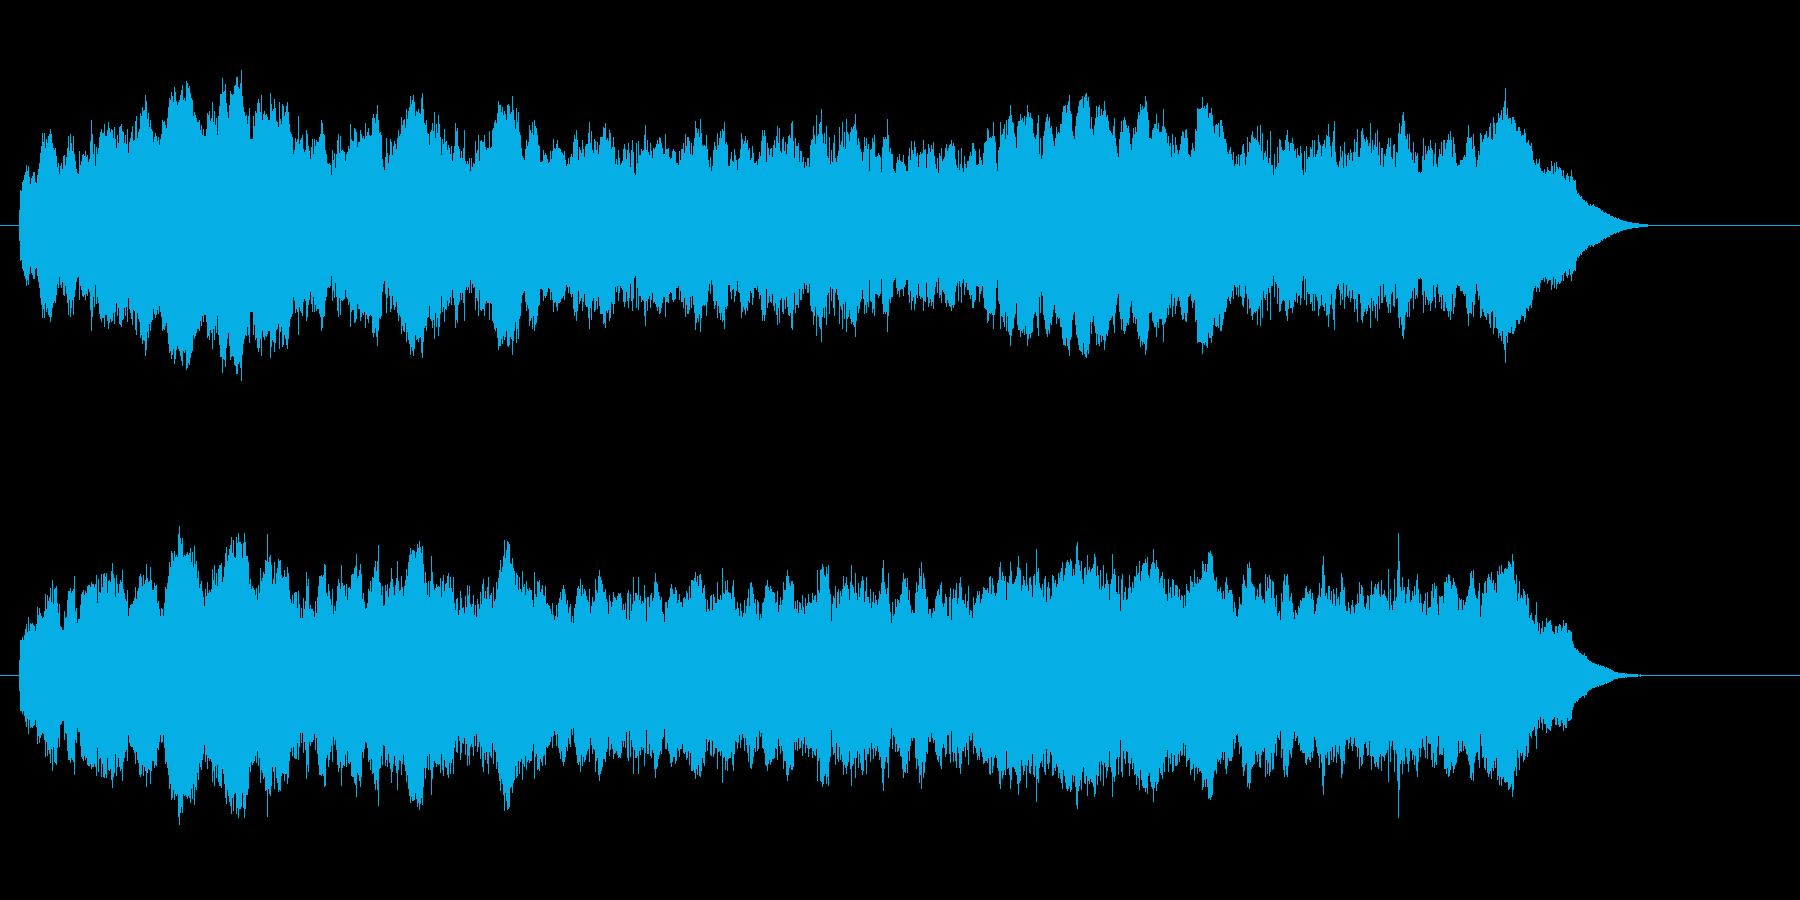 ジリリリリリ(目覚ましの音)の再生済みの波形